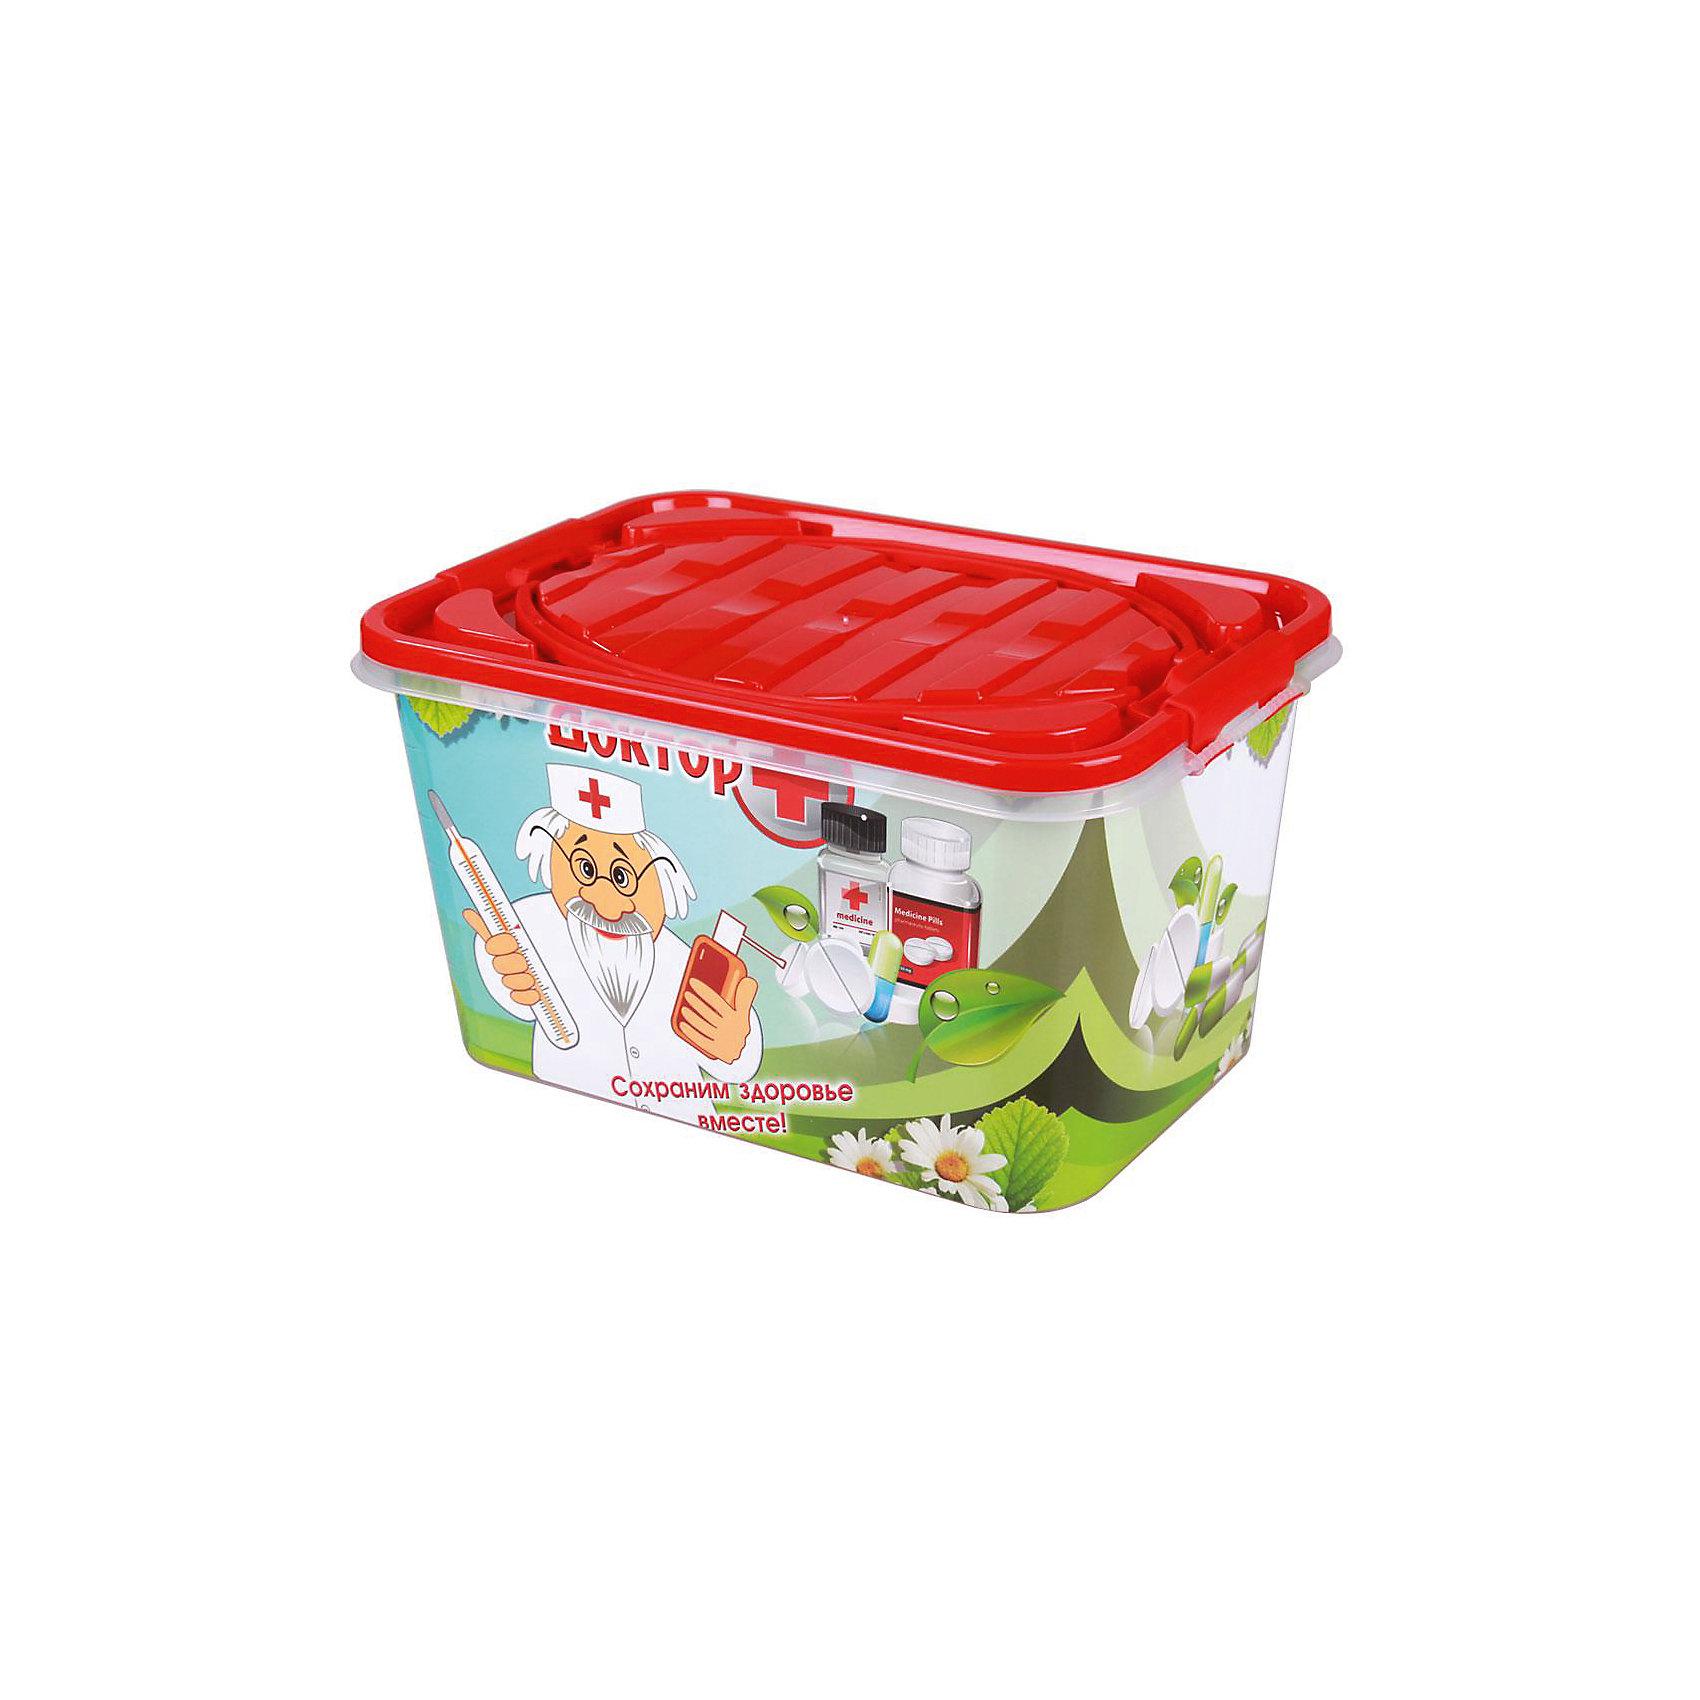 Контейнер Доктор + 15л прямоугольный, AlternativaЯщики для игрушек<br>Характеристики:<br><br>• Предназначение: для хранения игрушек, для хозяйственных нужд<br>• Цвет: зима<br>• Пол: универсальный<br>• Материал: пластик<br>• Цвет: красный, зеленый, белый<br>• Размер (Д*Ш*В): 38,5*26,5*21 см<br>• Вместимость (объем): 15 л<br>• Вес: 750 г<br>• Форма: прямоугольный<br>• Наличие крышки с ручками<br>• Особенности ухода: разрешается мыть теплой водой<br><br>Контейнер Доктор + 15 л прямоугольный, Alternativa изготовлен отечественным производителем ООО ЗПИ Альтернатива, который специализируется на выпуске широкого спектра изделий из пластика. <br>Контейнер выполнен из экологически безопасного прозрачного пластика, устойчивого к механическим повреждениям, корпус оформлен яркими устойчивыми картинками, в комплекте имеется крышка с удобными для переноса ручками. Изделие можно использовать как для хранения игрушек, так и для разных хозяйственных нужд. Контейнер Доктор + 15 л прямоугольный, Alternativa вместительный, но при этом обладает легким весом.<br><br>Контейнер Доктор + 15 л прямоугольный, Alternativa можно купить в нашем интернет-магазине.<br><br>Ширина мм: 390<br>Глубина мм: 265<br>Высота мм: 210<br>Вес г: 720<br>Возраст от месяцев: 6<br>Возраст до месяцев: 84<br>Пол: Унисекс<br>Возраст: Детский<br>SKU: 5096559